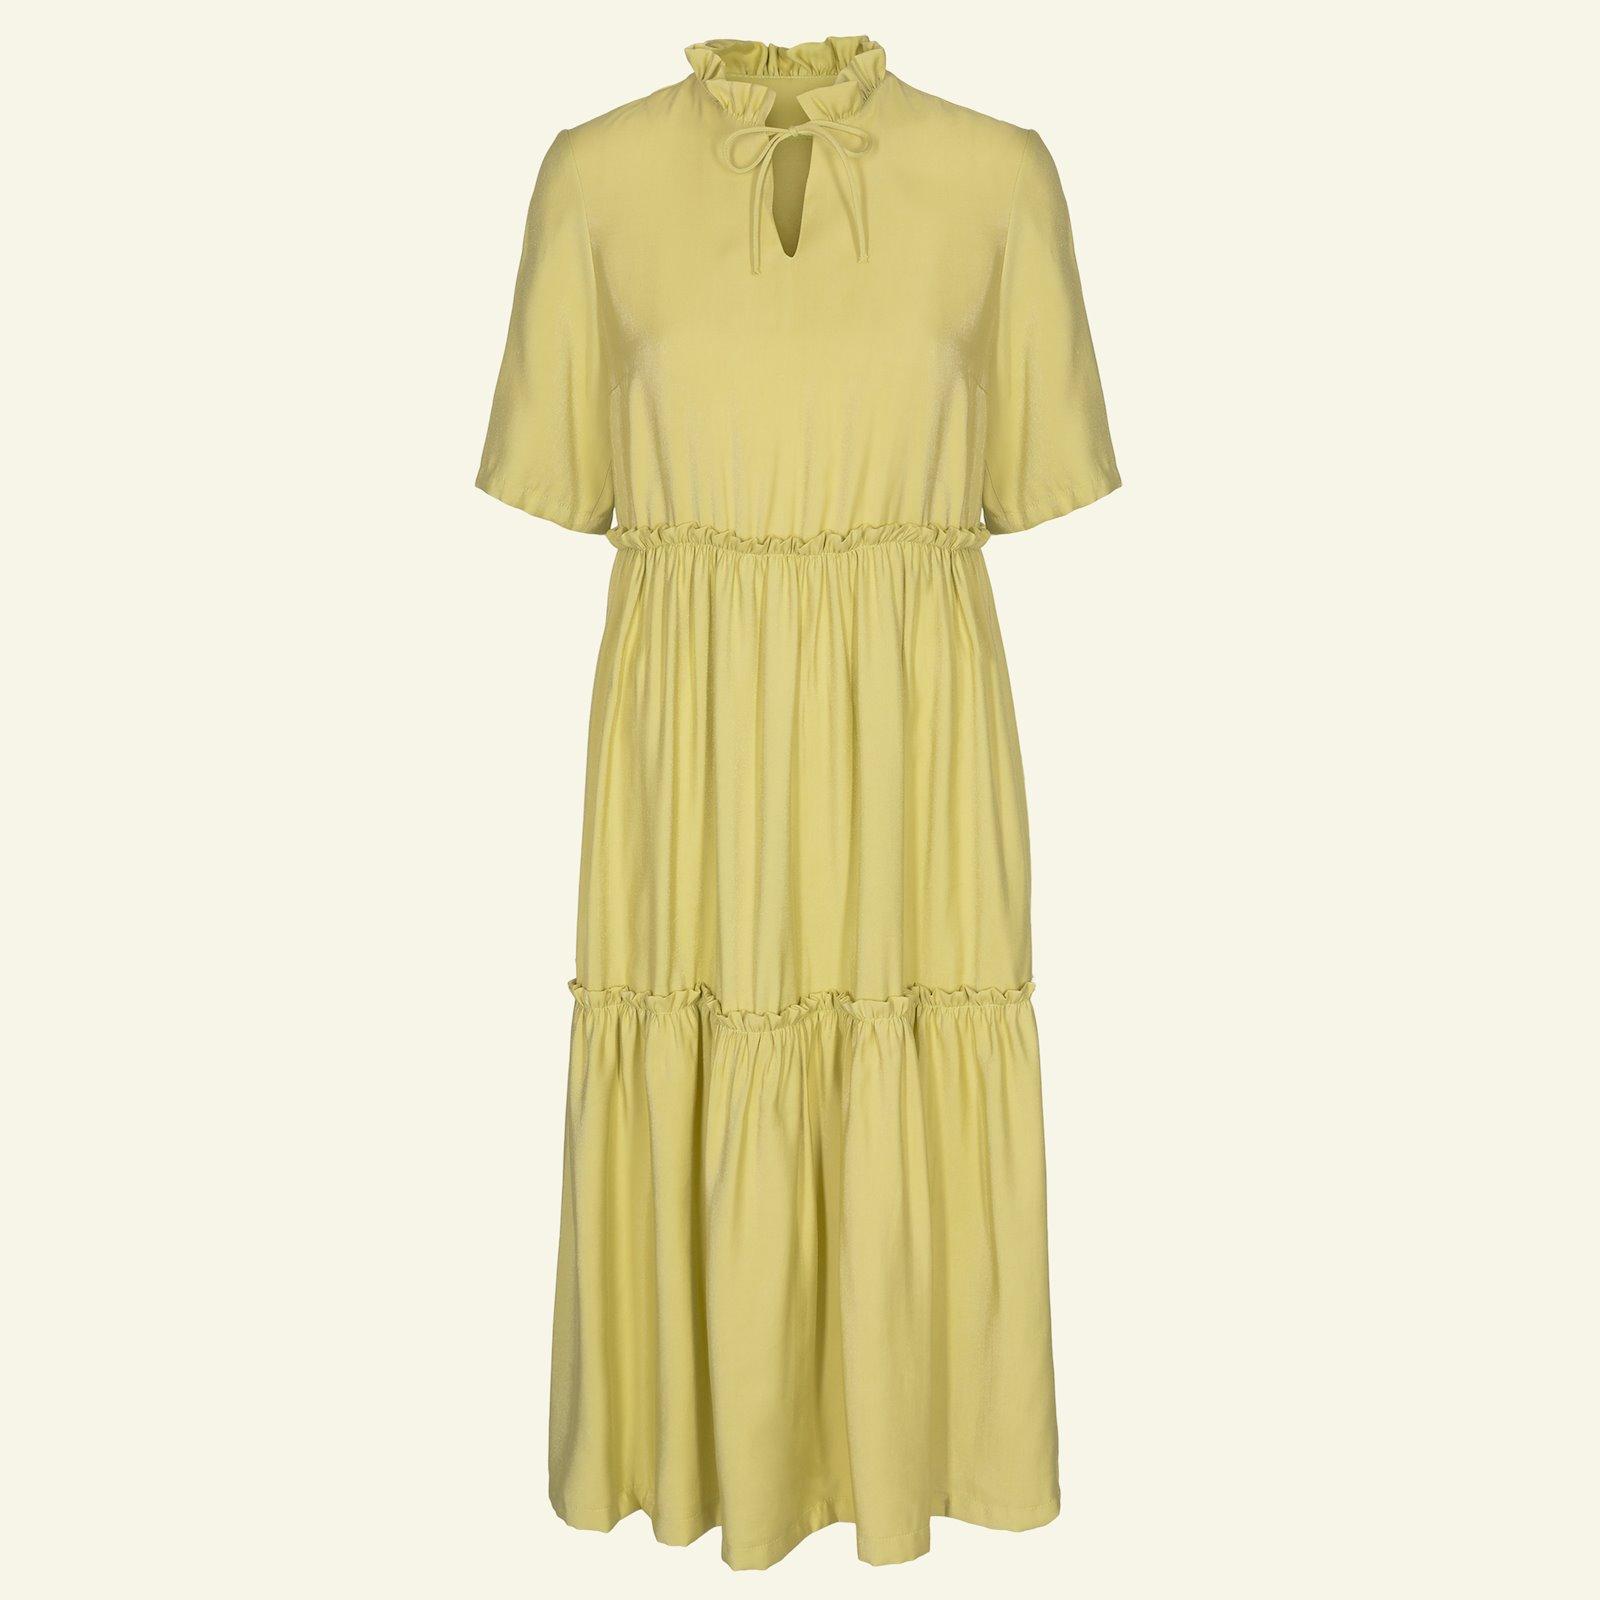 Smock dress, 38/10 p23159_521119_sskit